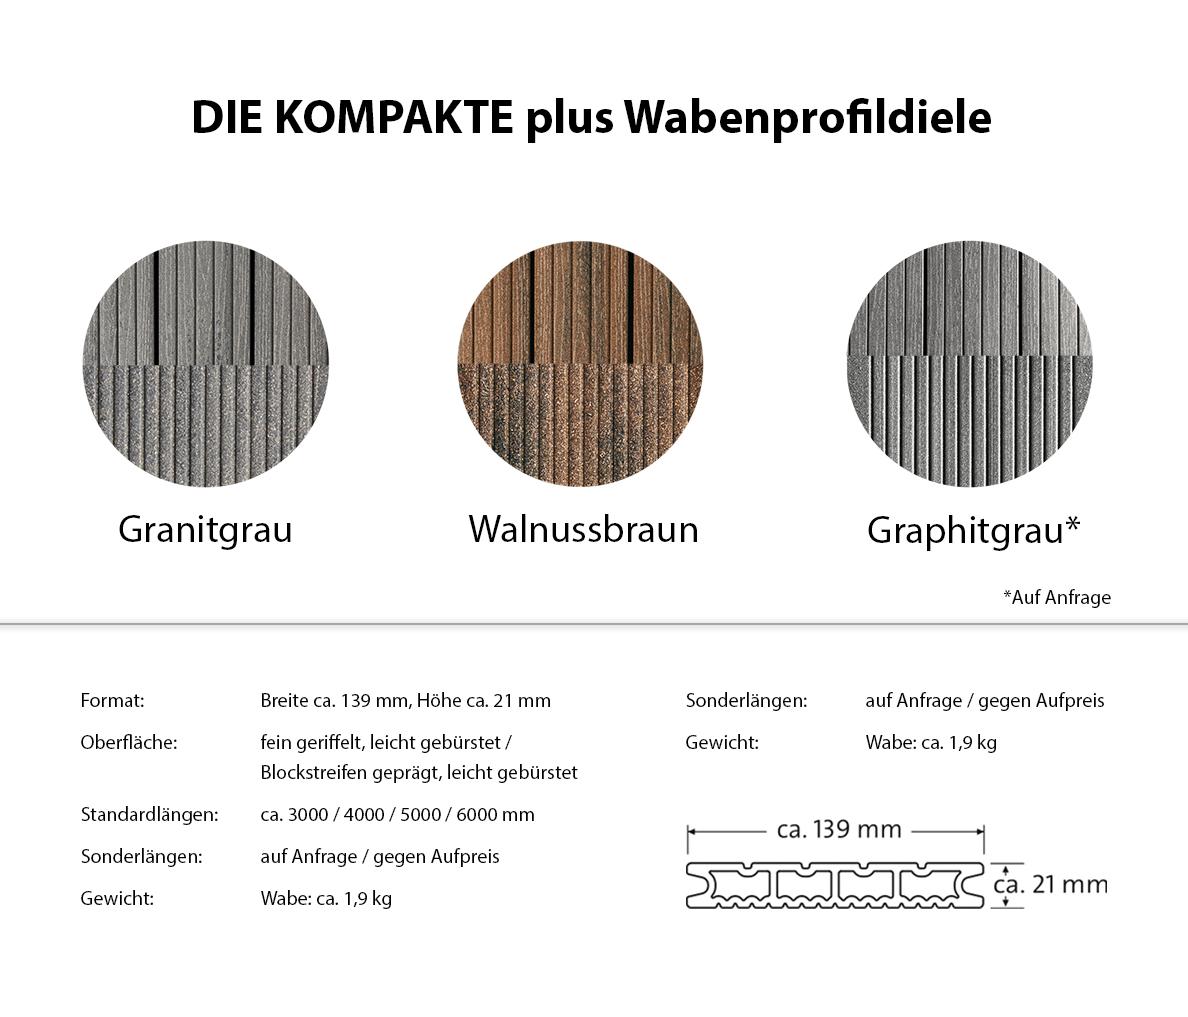 DIE KOMPAKTE Plus WPC combs-profile